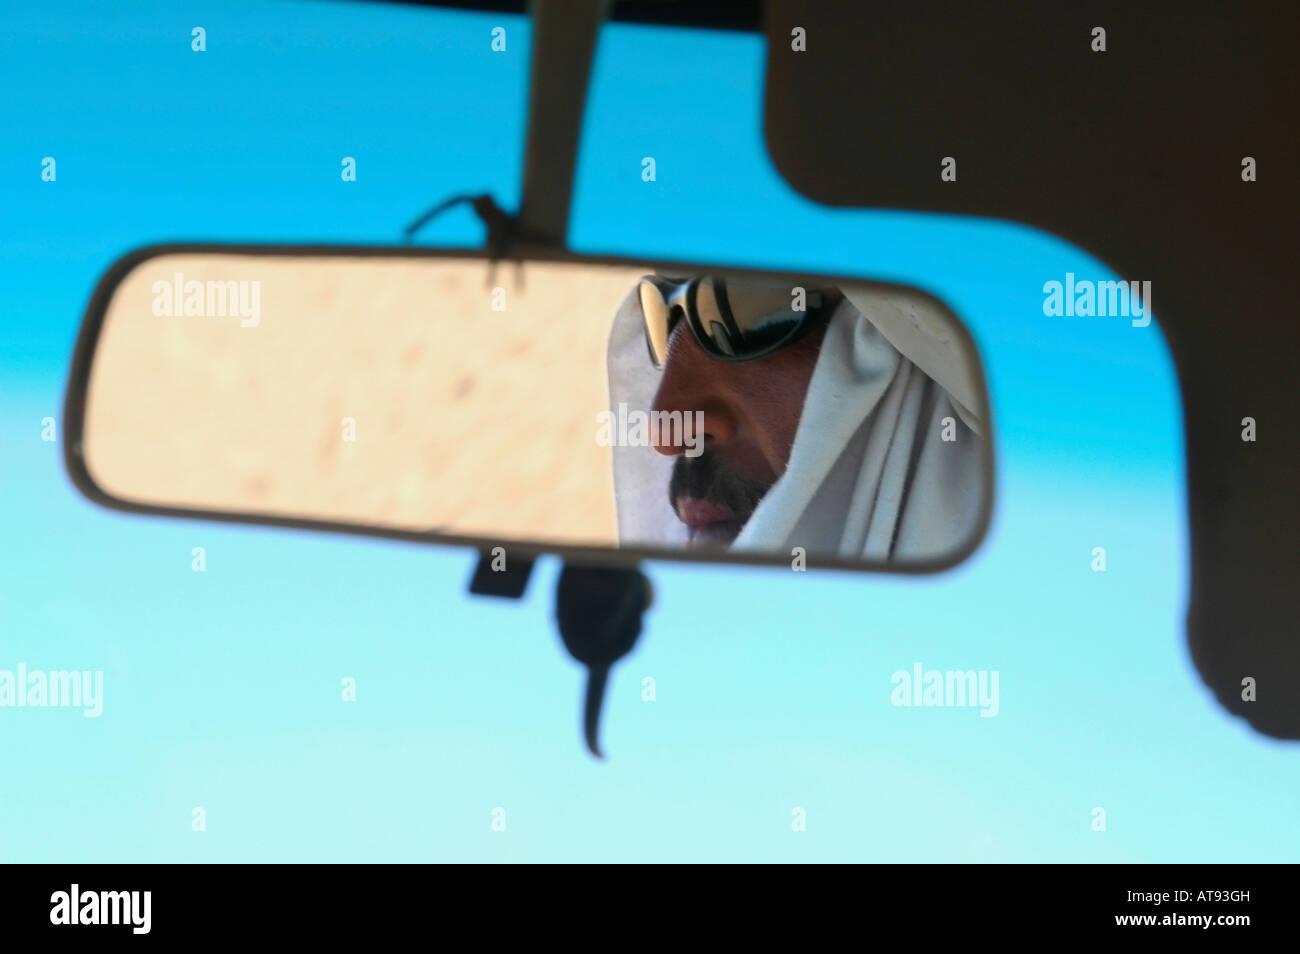 Ritratto di un uomo arabo nello specchietto retrovisore di un veicolo Immagini Stock